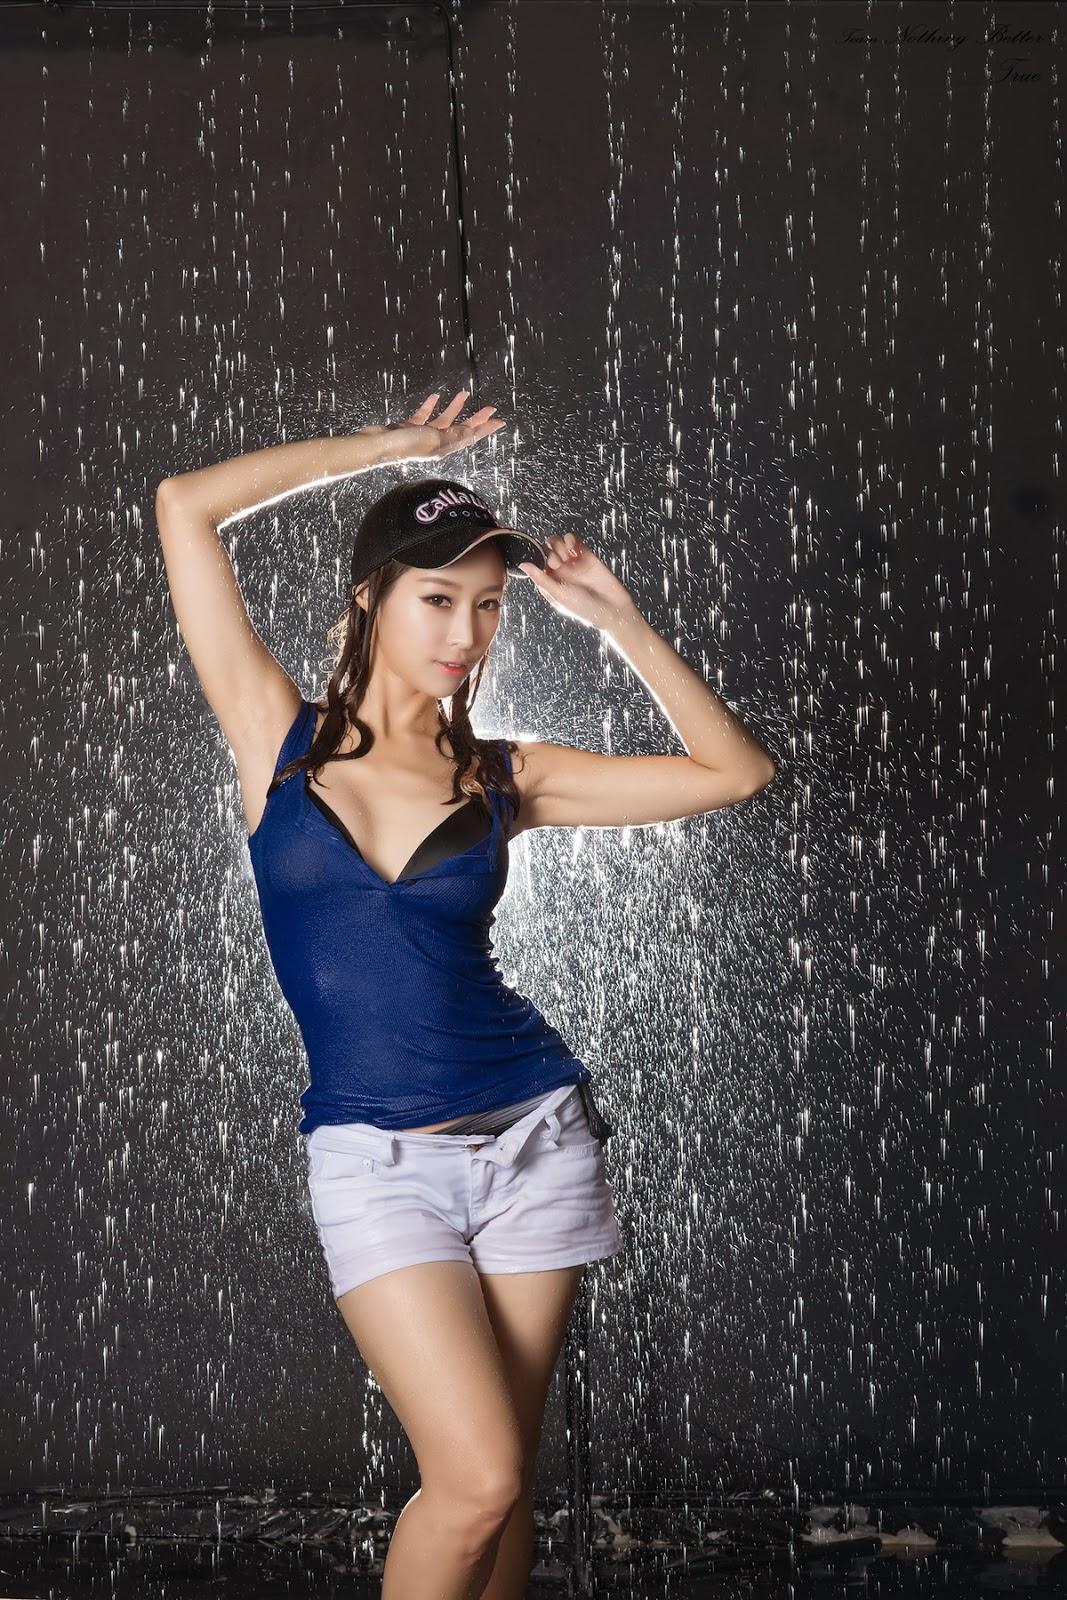 Eun Ji Ye getting wet ~ Cute Girl - Asian Girl